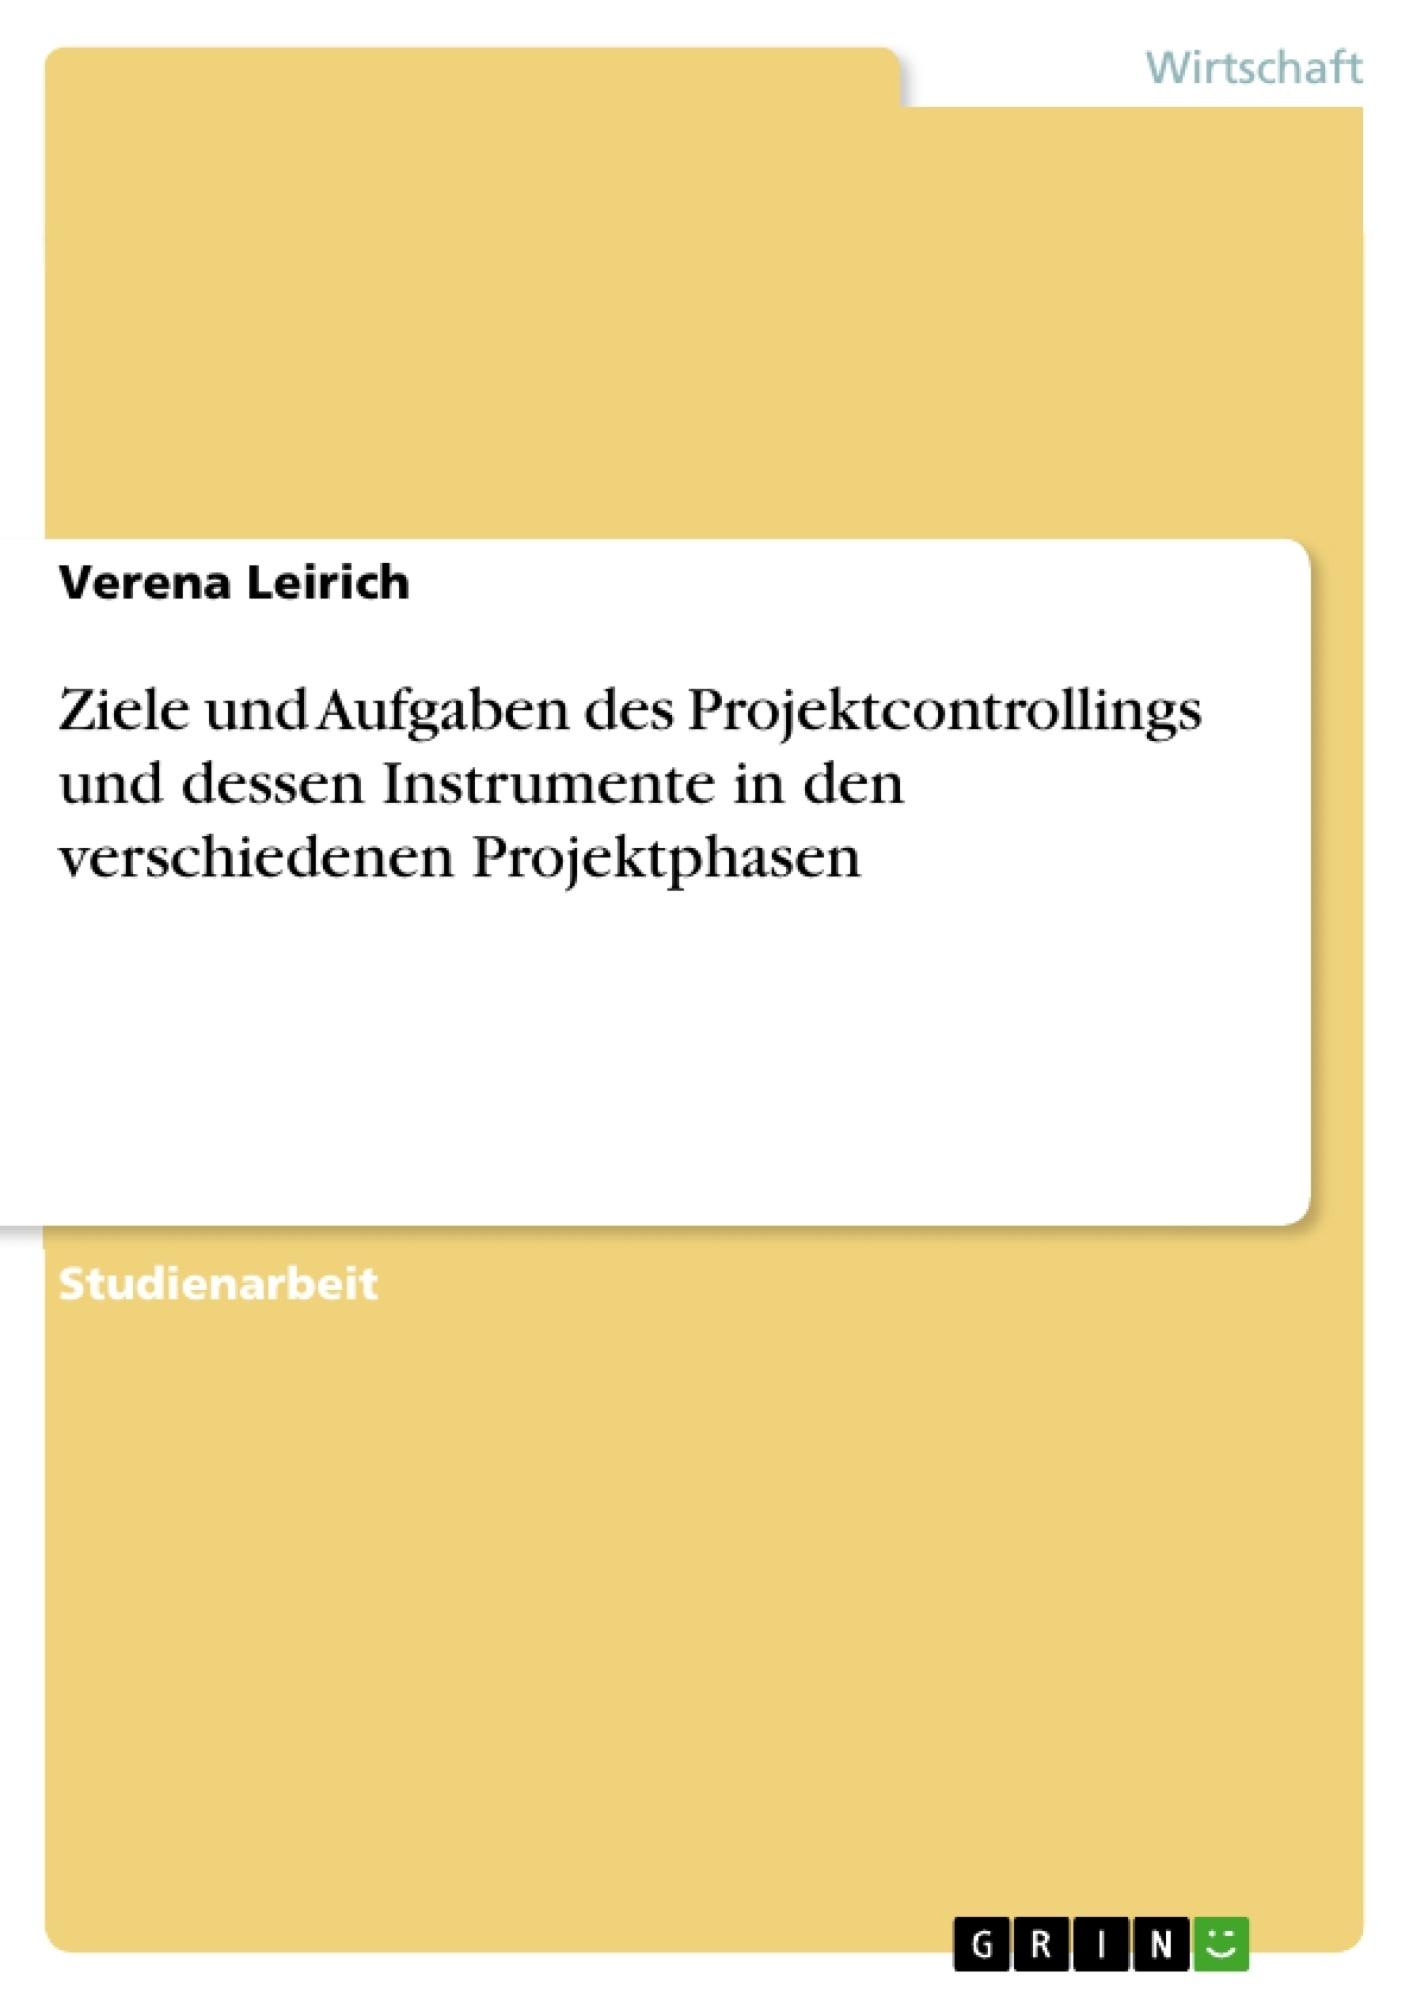 Titel: Ziele und Aufgaben des Projektcontrollings und dessen Instrumente in den verschiedenen Projektphasen